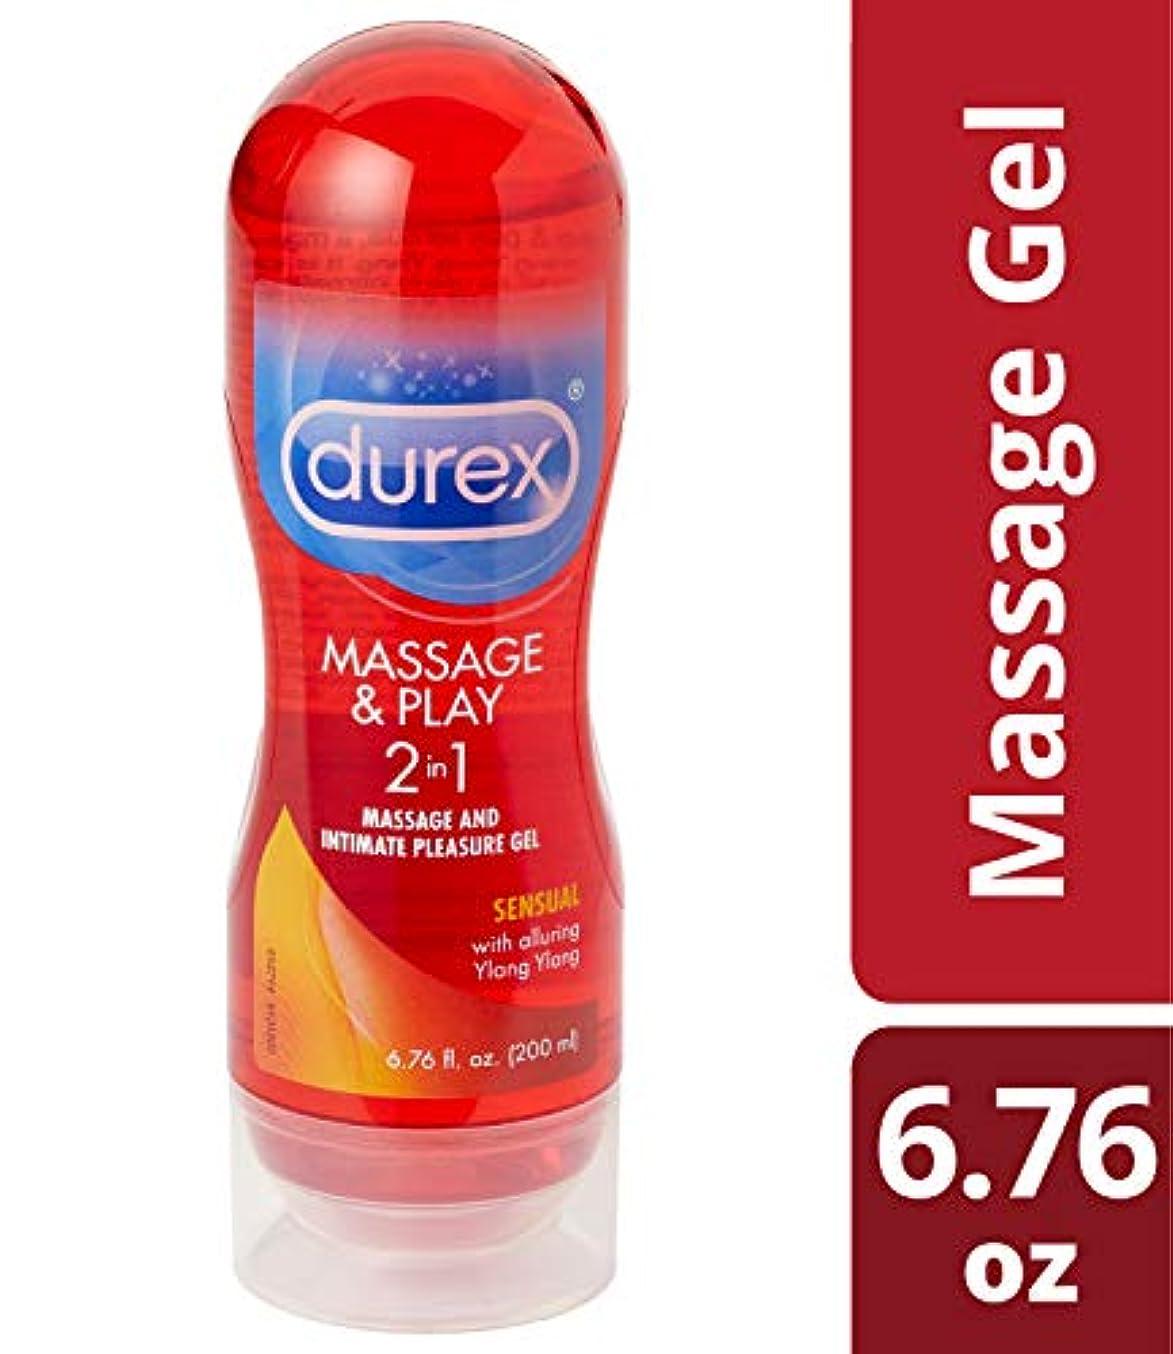 病者速度独創的【マッサージジェル兼ラブリカントジェル(潤滑ジェル)】Durex Massage and Play Sensual 2in1 Lubricant - Ylang Ylang, 6.7 Ounce イランイランの香り